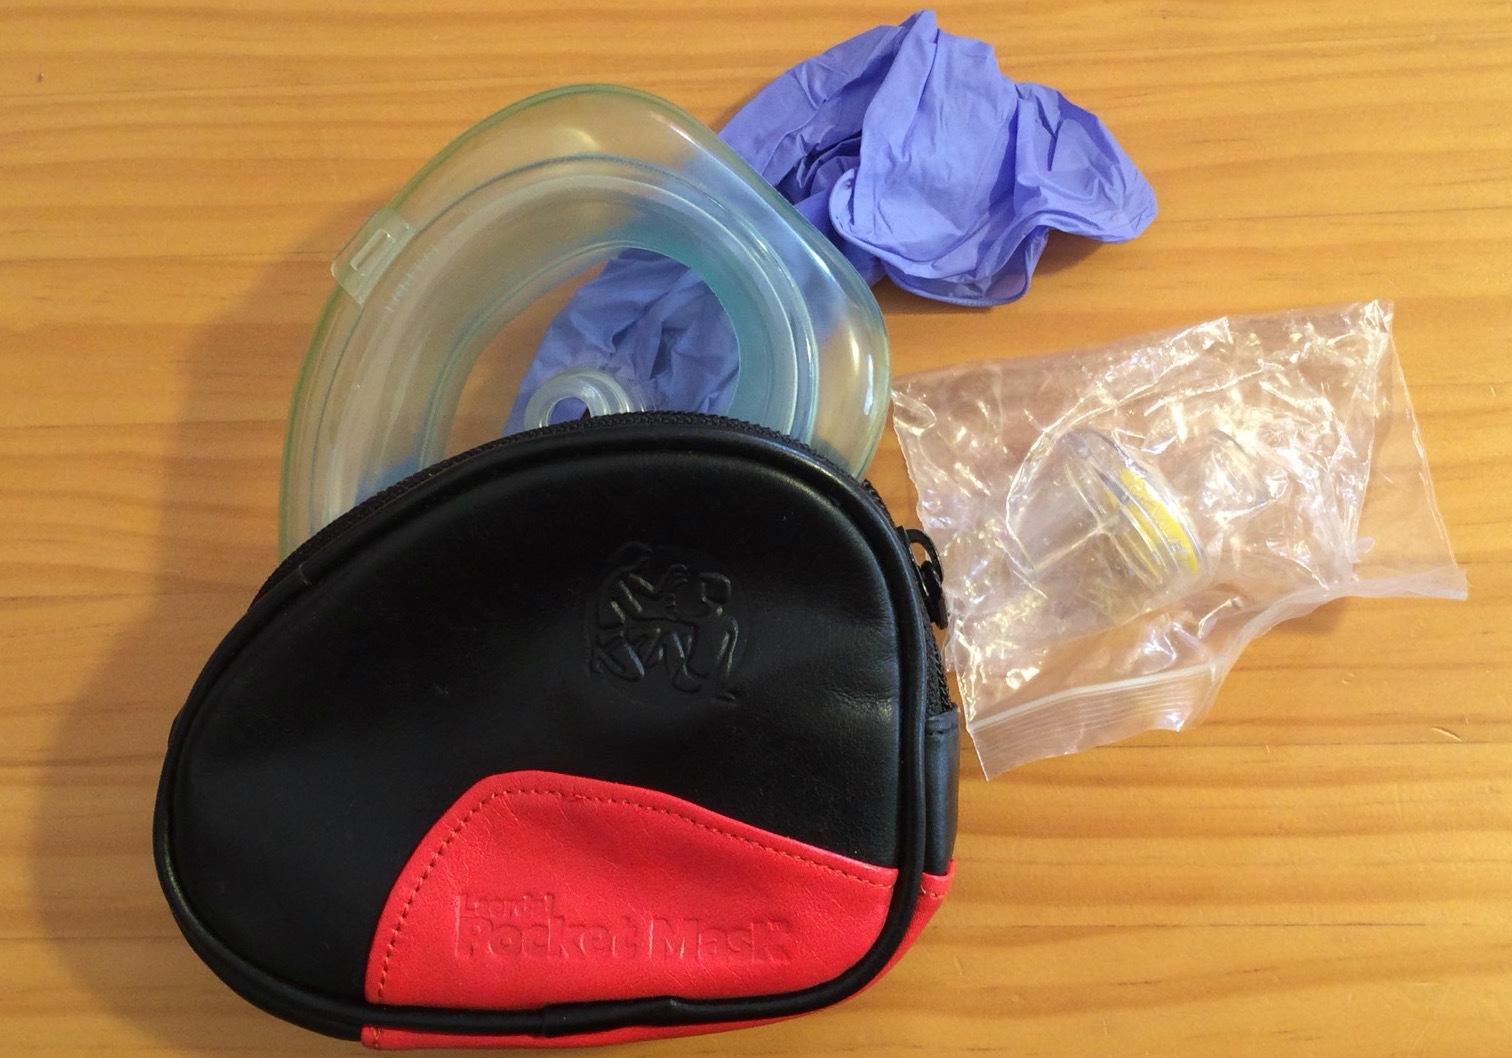 人工呼吸要ポケットマスクと感染防護手袋(グローブ)